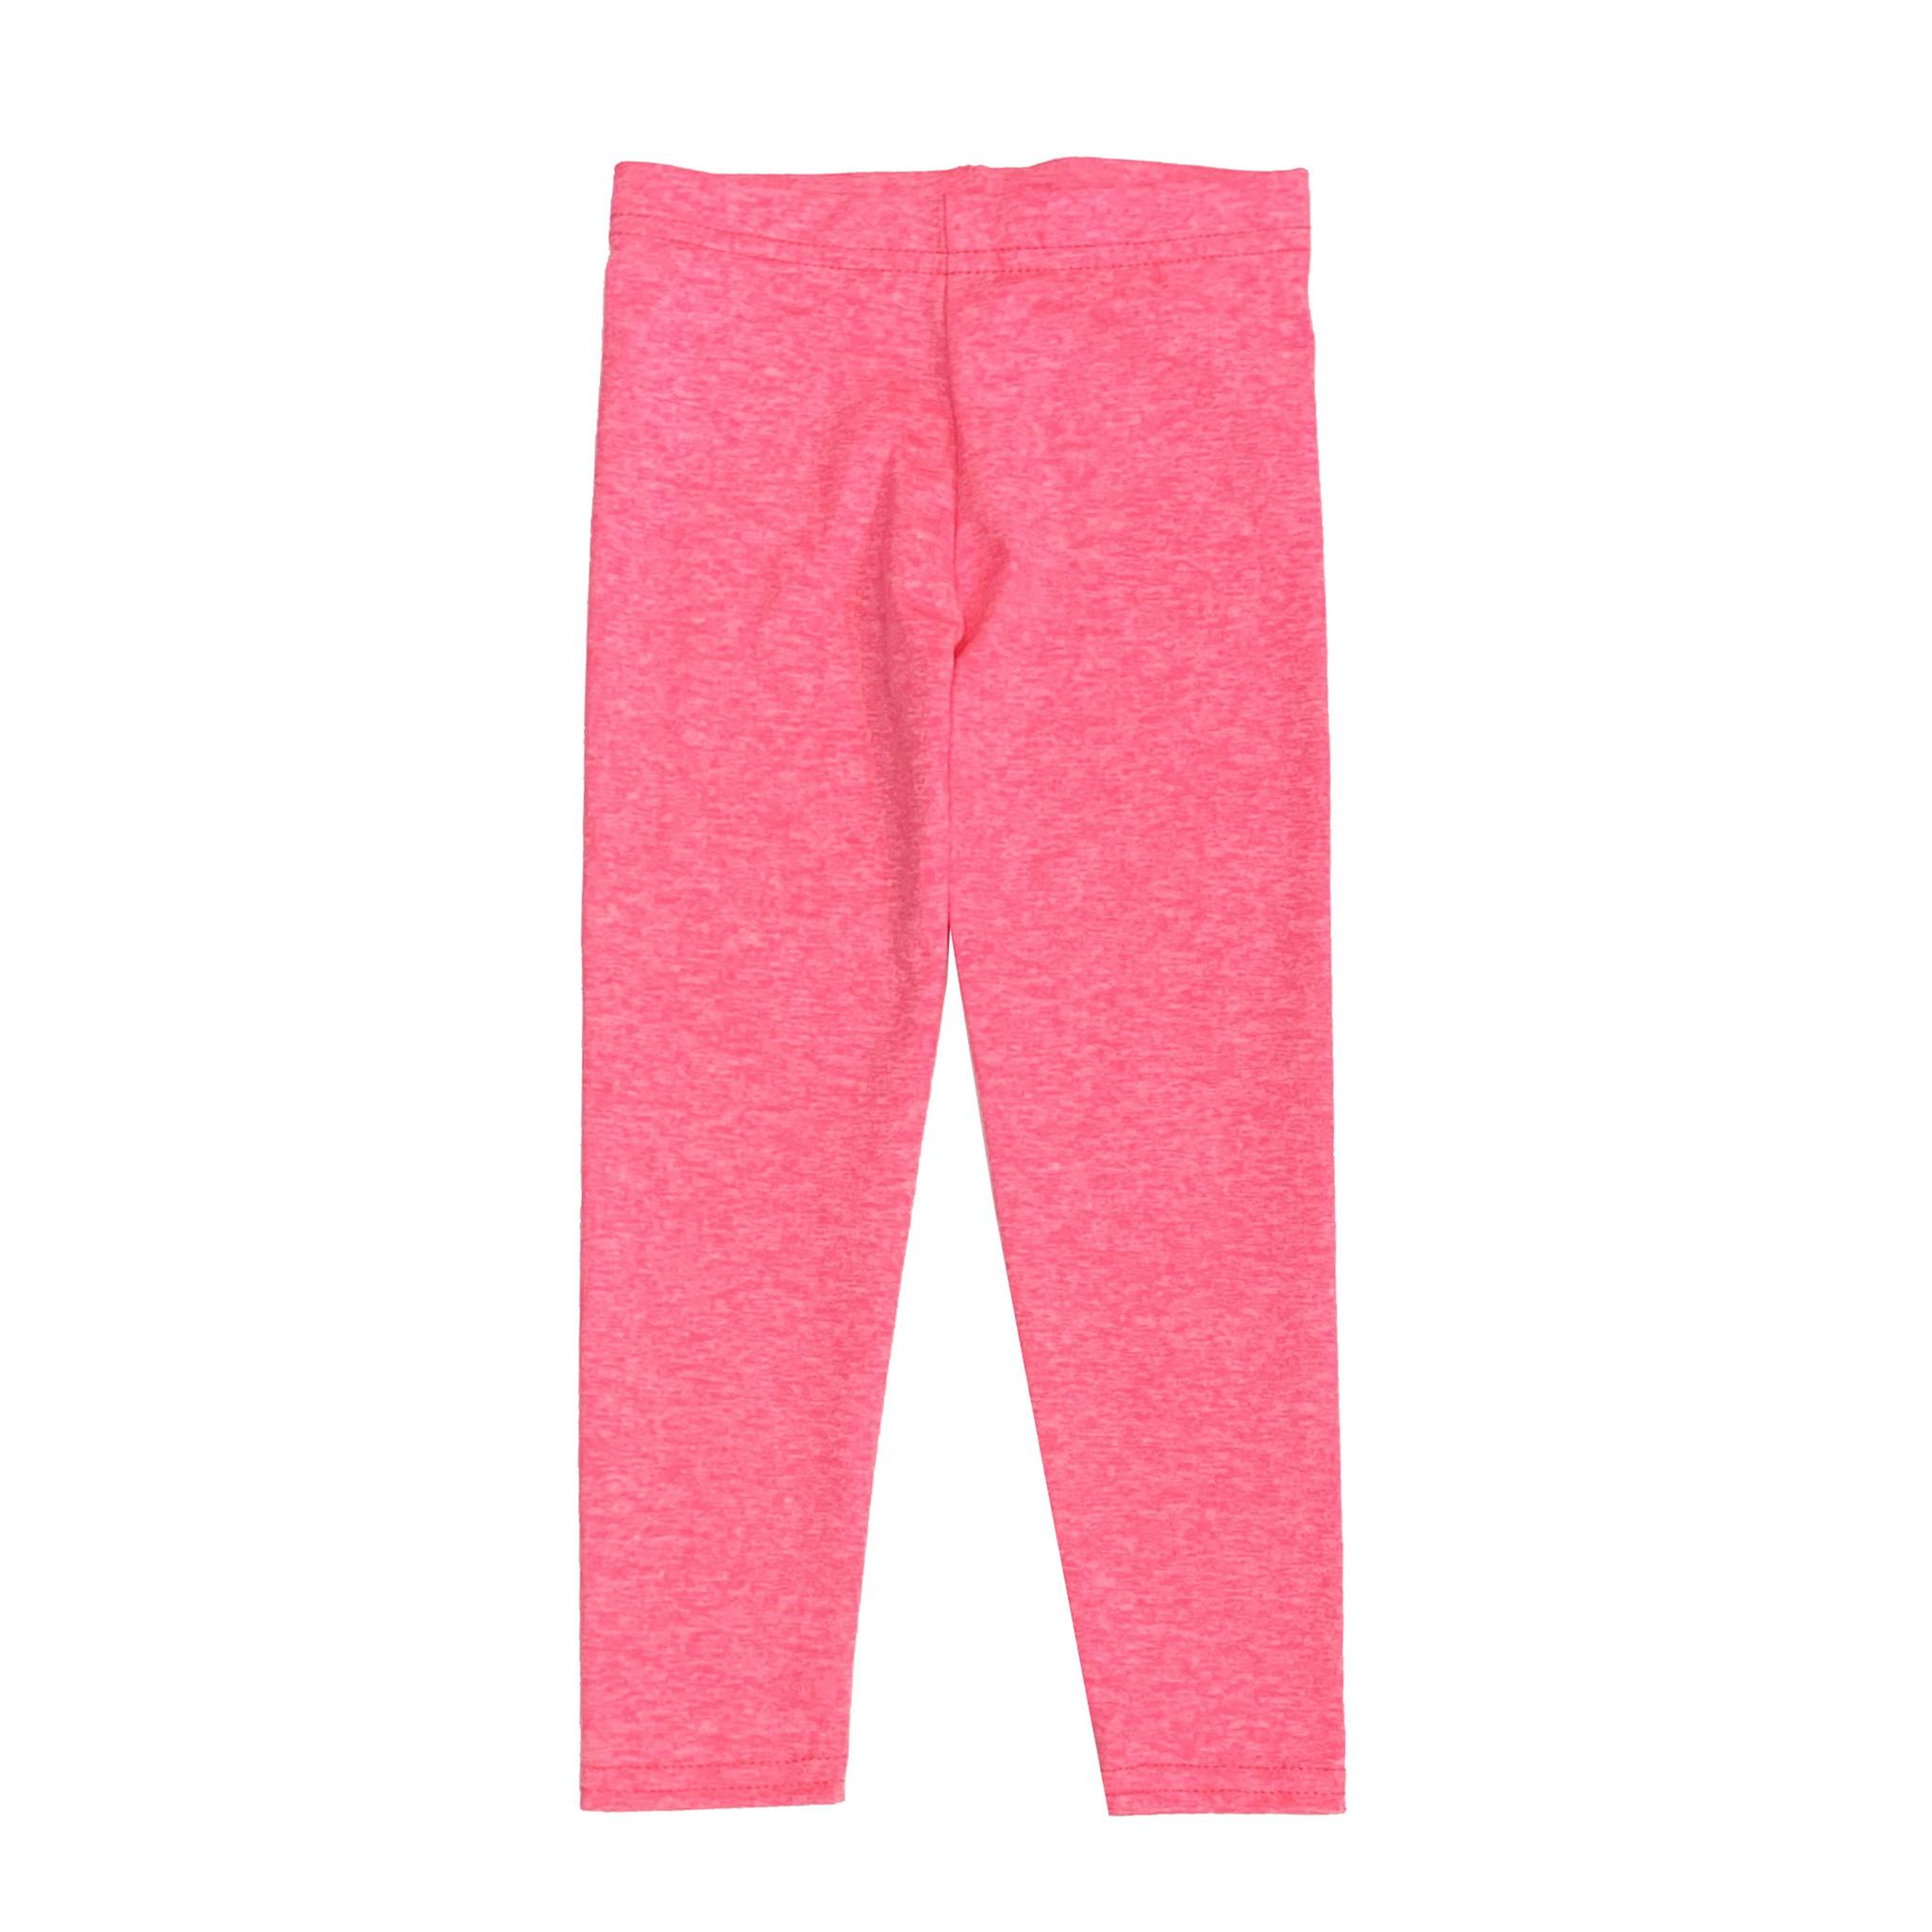 Dori  Creations Neon Pink/White Heathered Legging